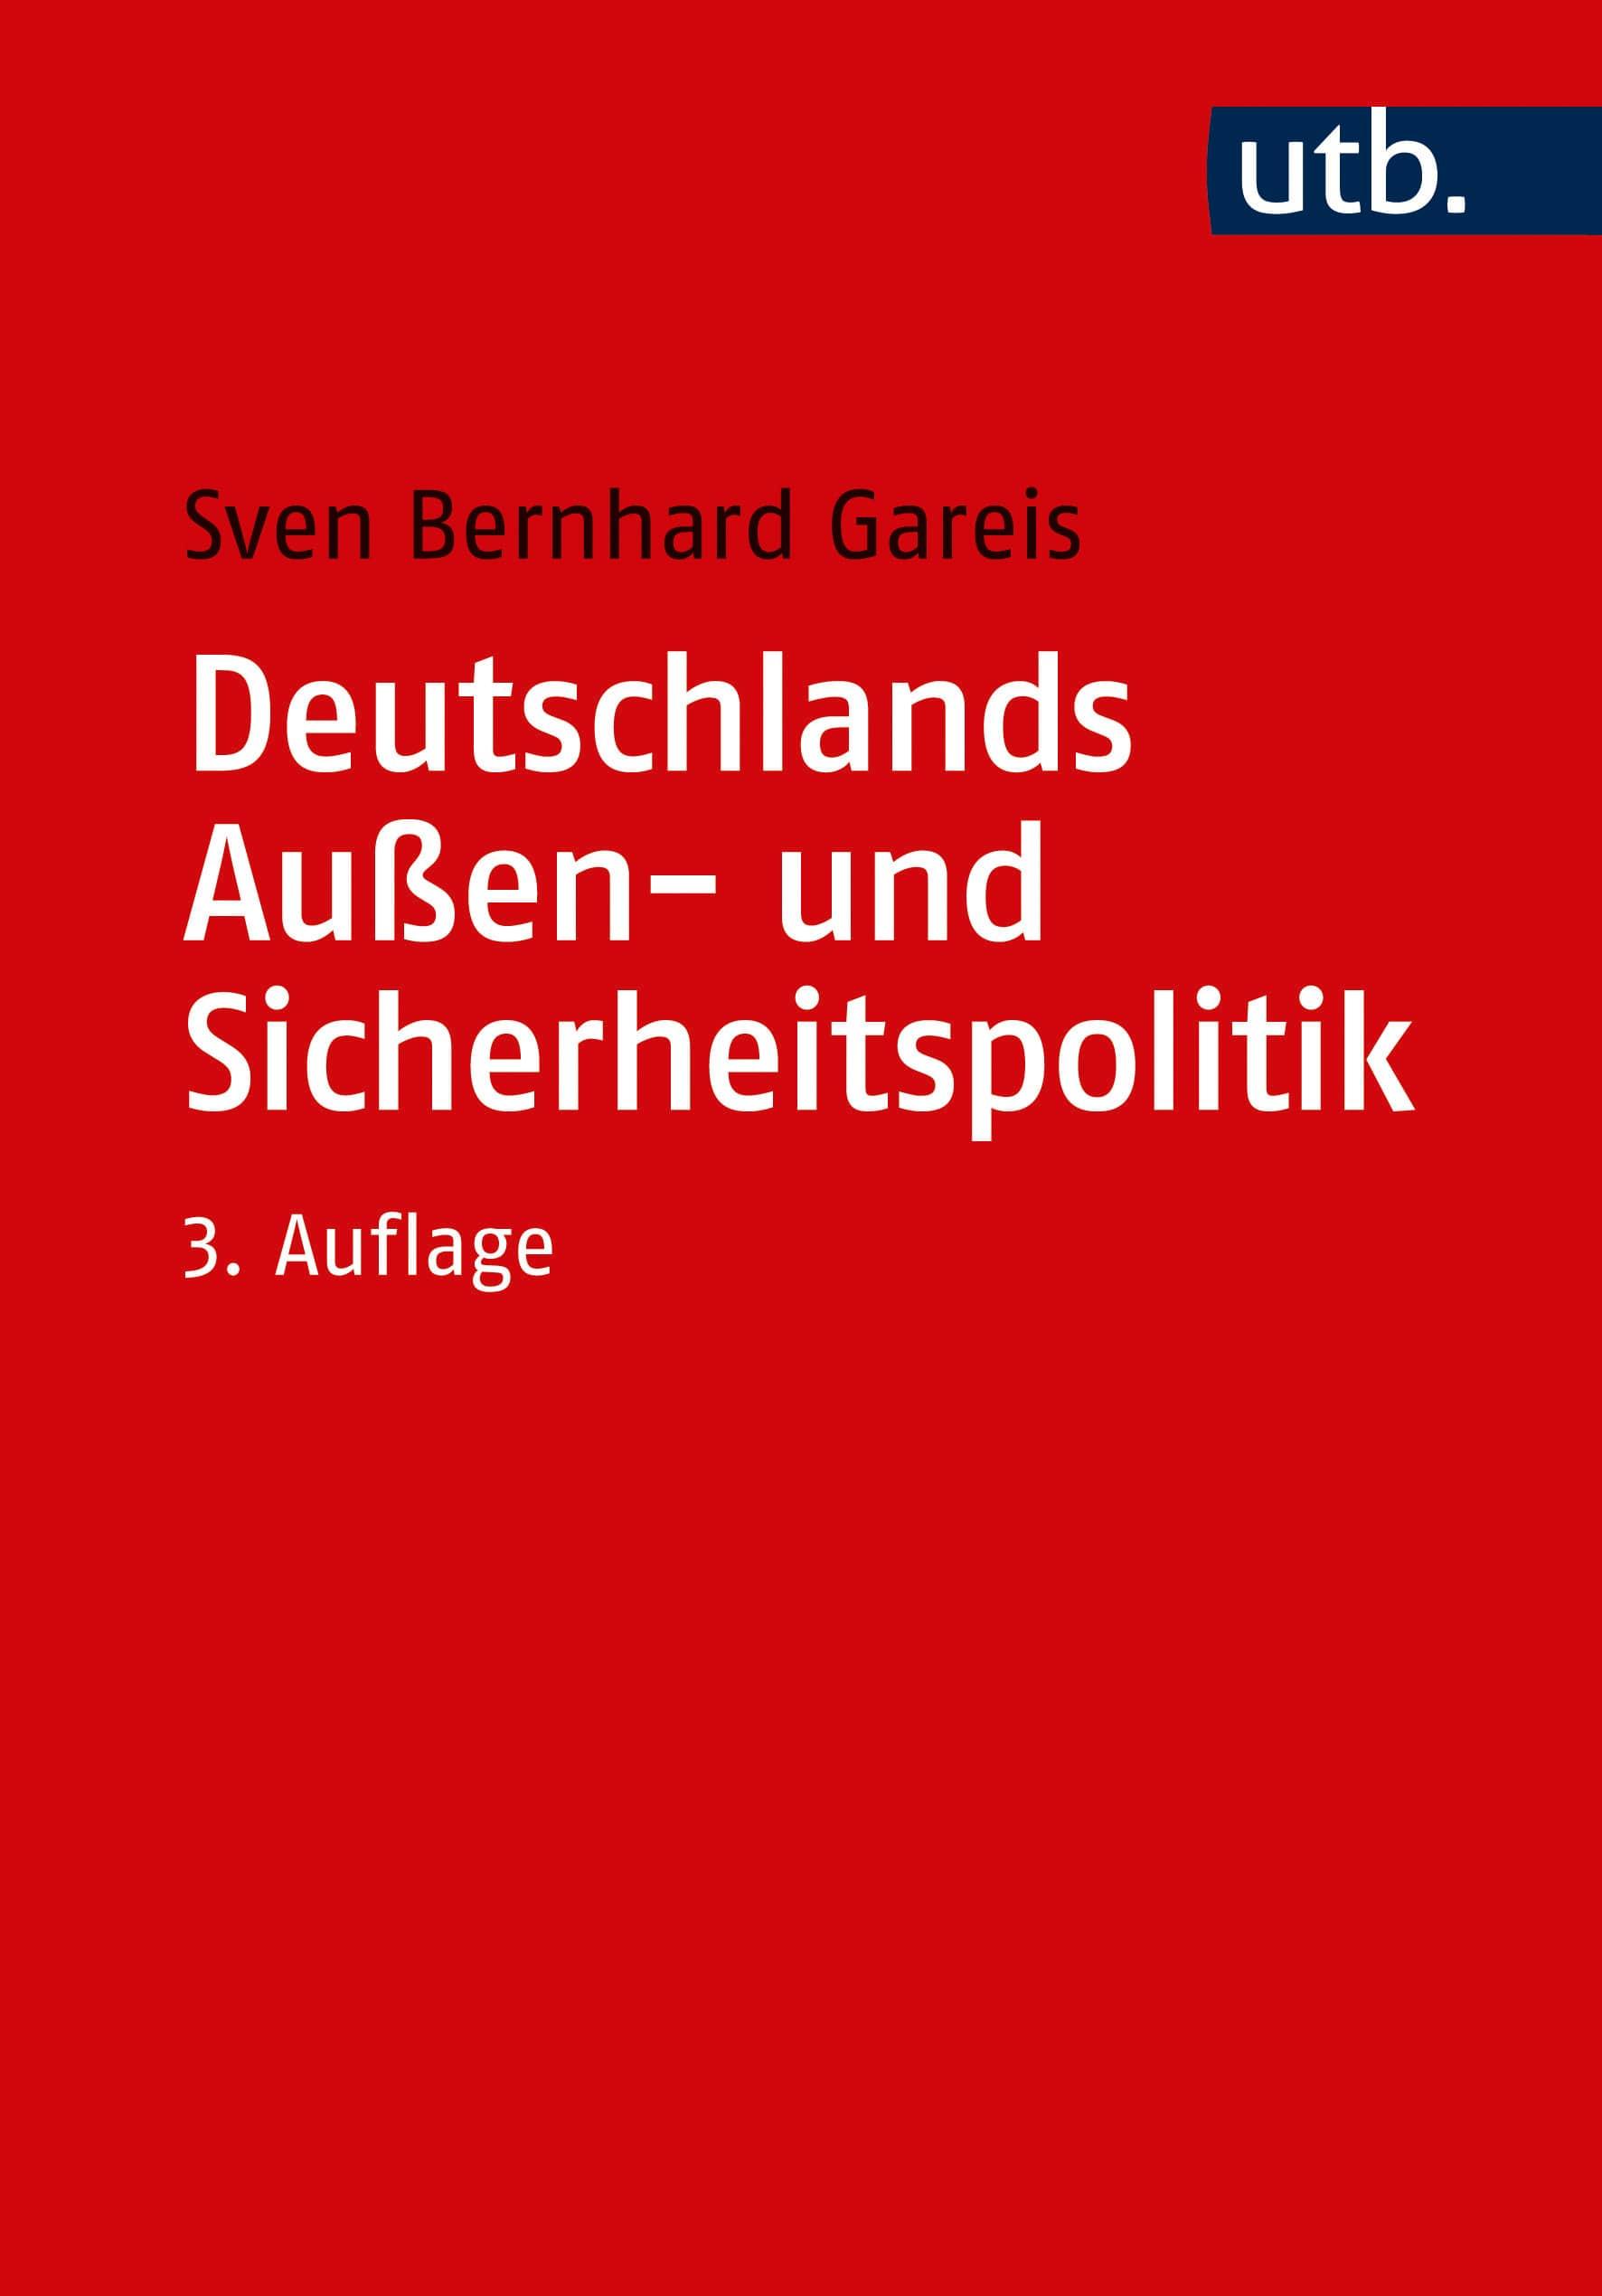 Gareis / Deutschlands Außen- und Sicherheitspolitik. Eine Einführung. Verlag Barbara Budrich. ISBN: 978-3-8252-4982-3. ED: 19.04.2020.